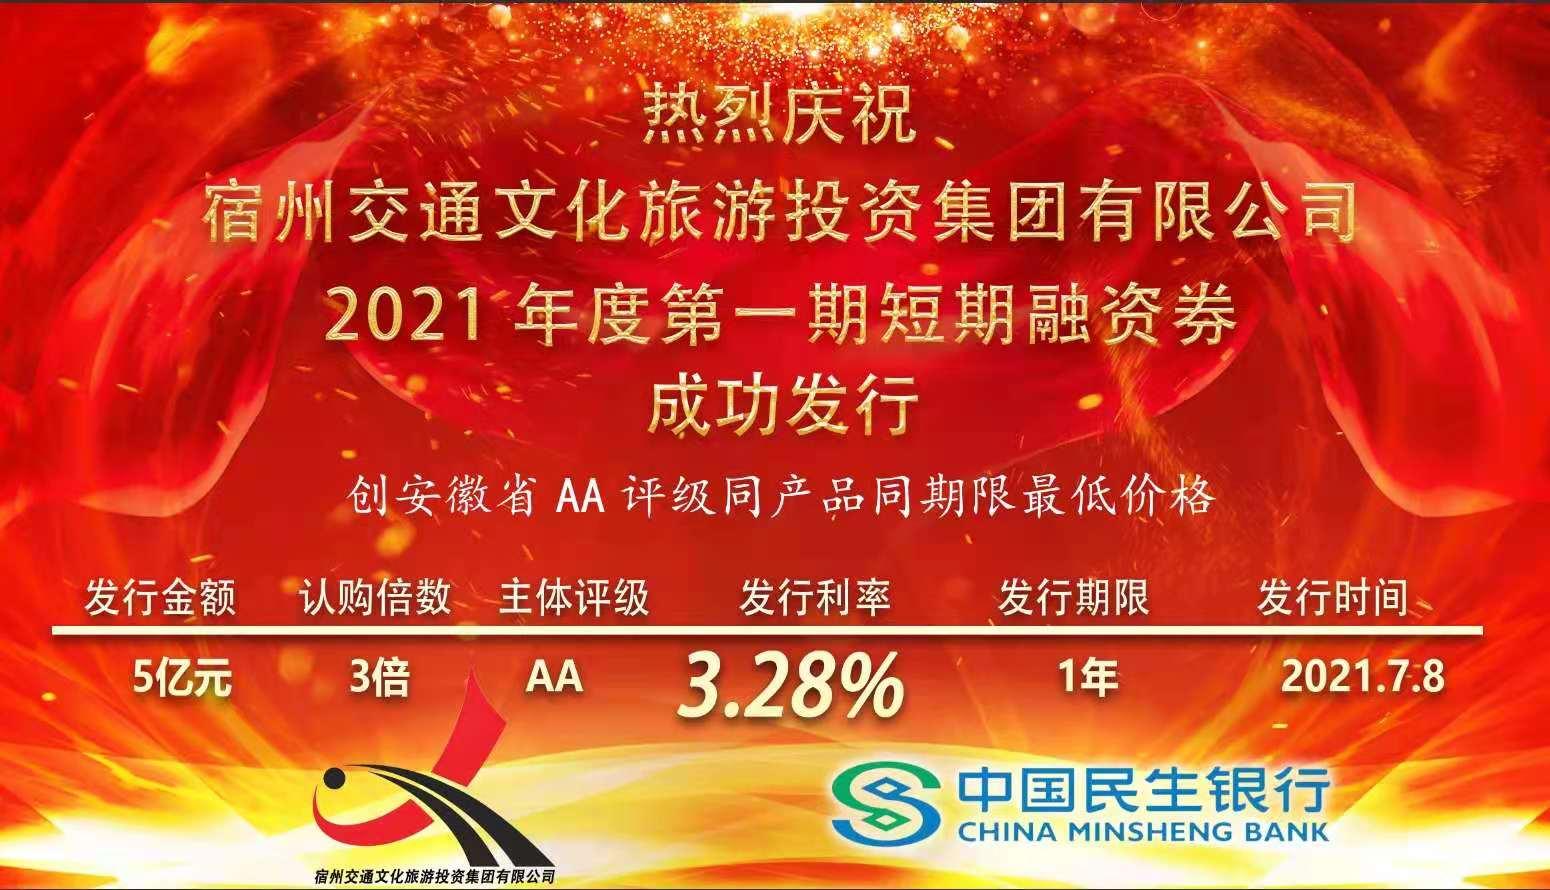 宿州交旅集团首次成功发行5亿元短期融资券